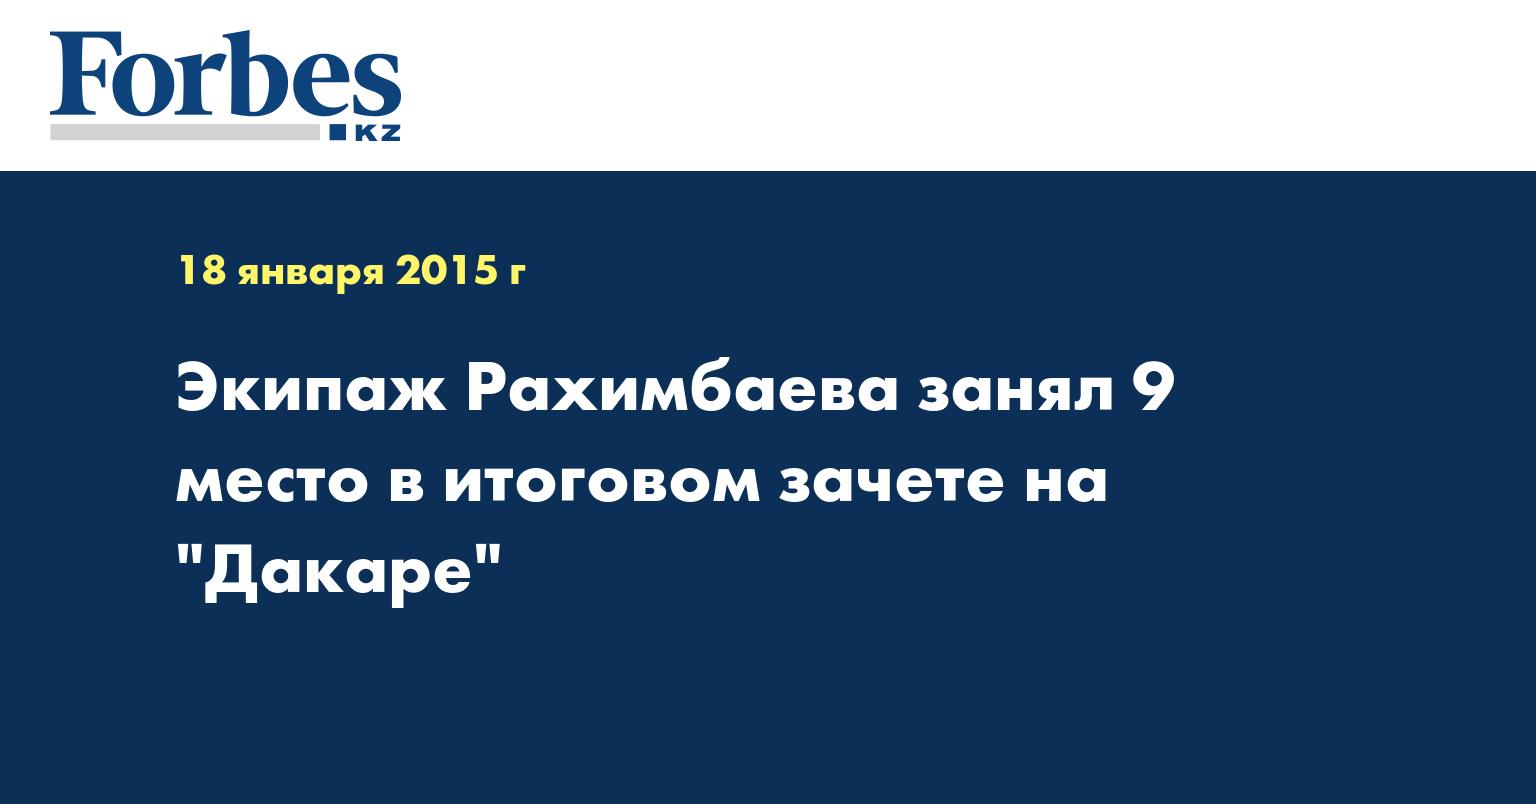 Экипаж Рахимбаева занял 9 место в итоговом зачете на